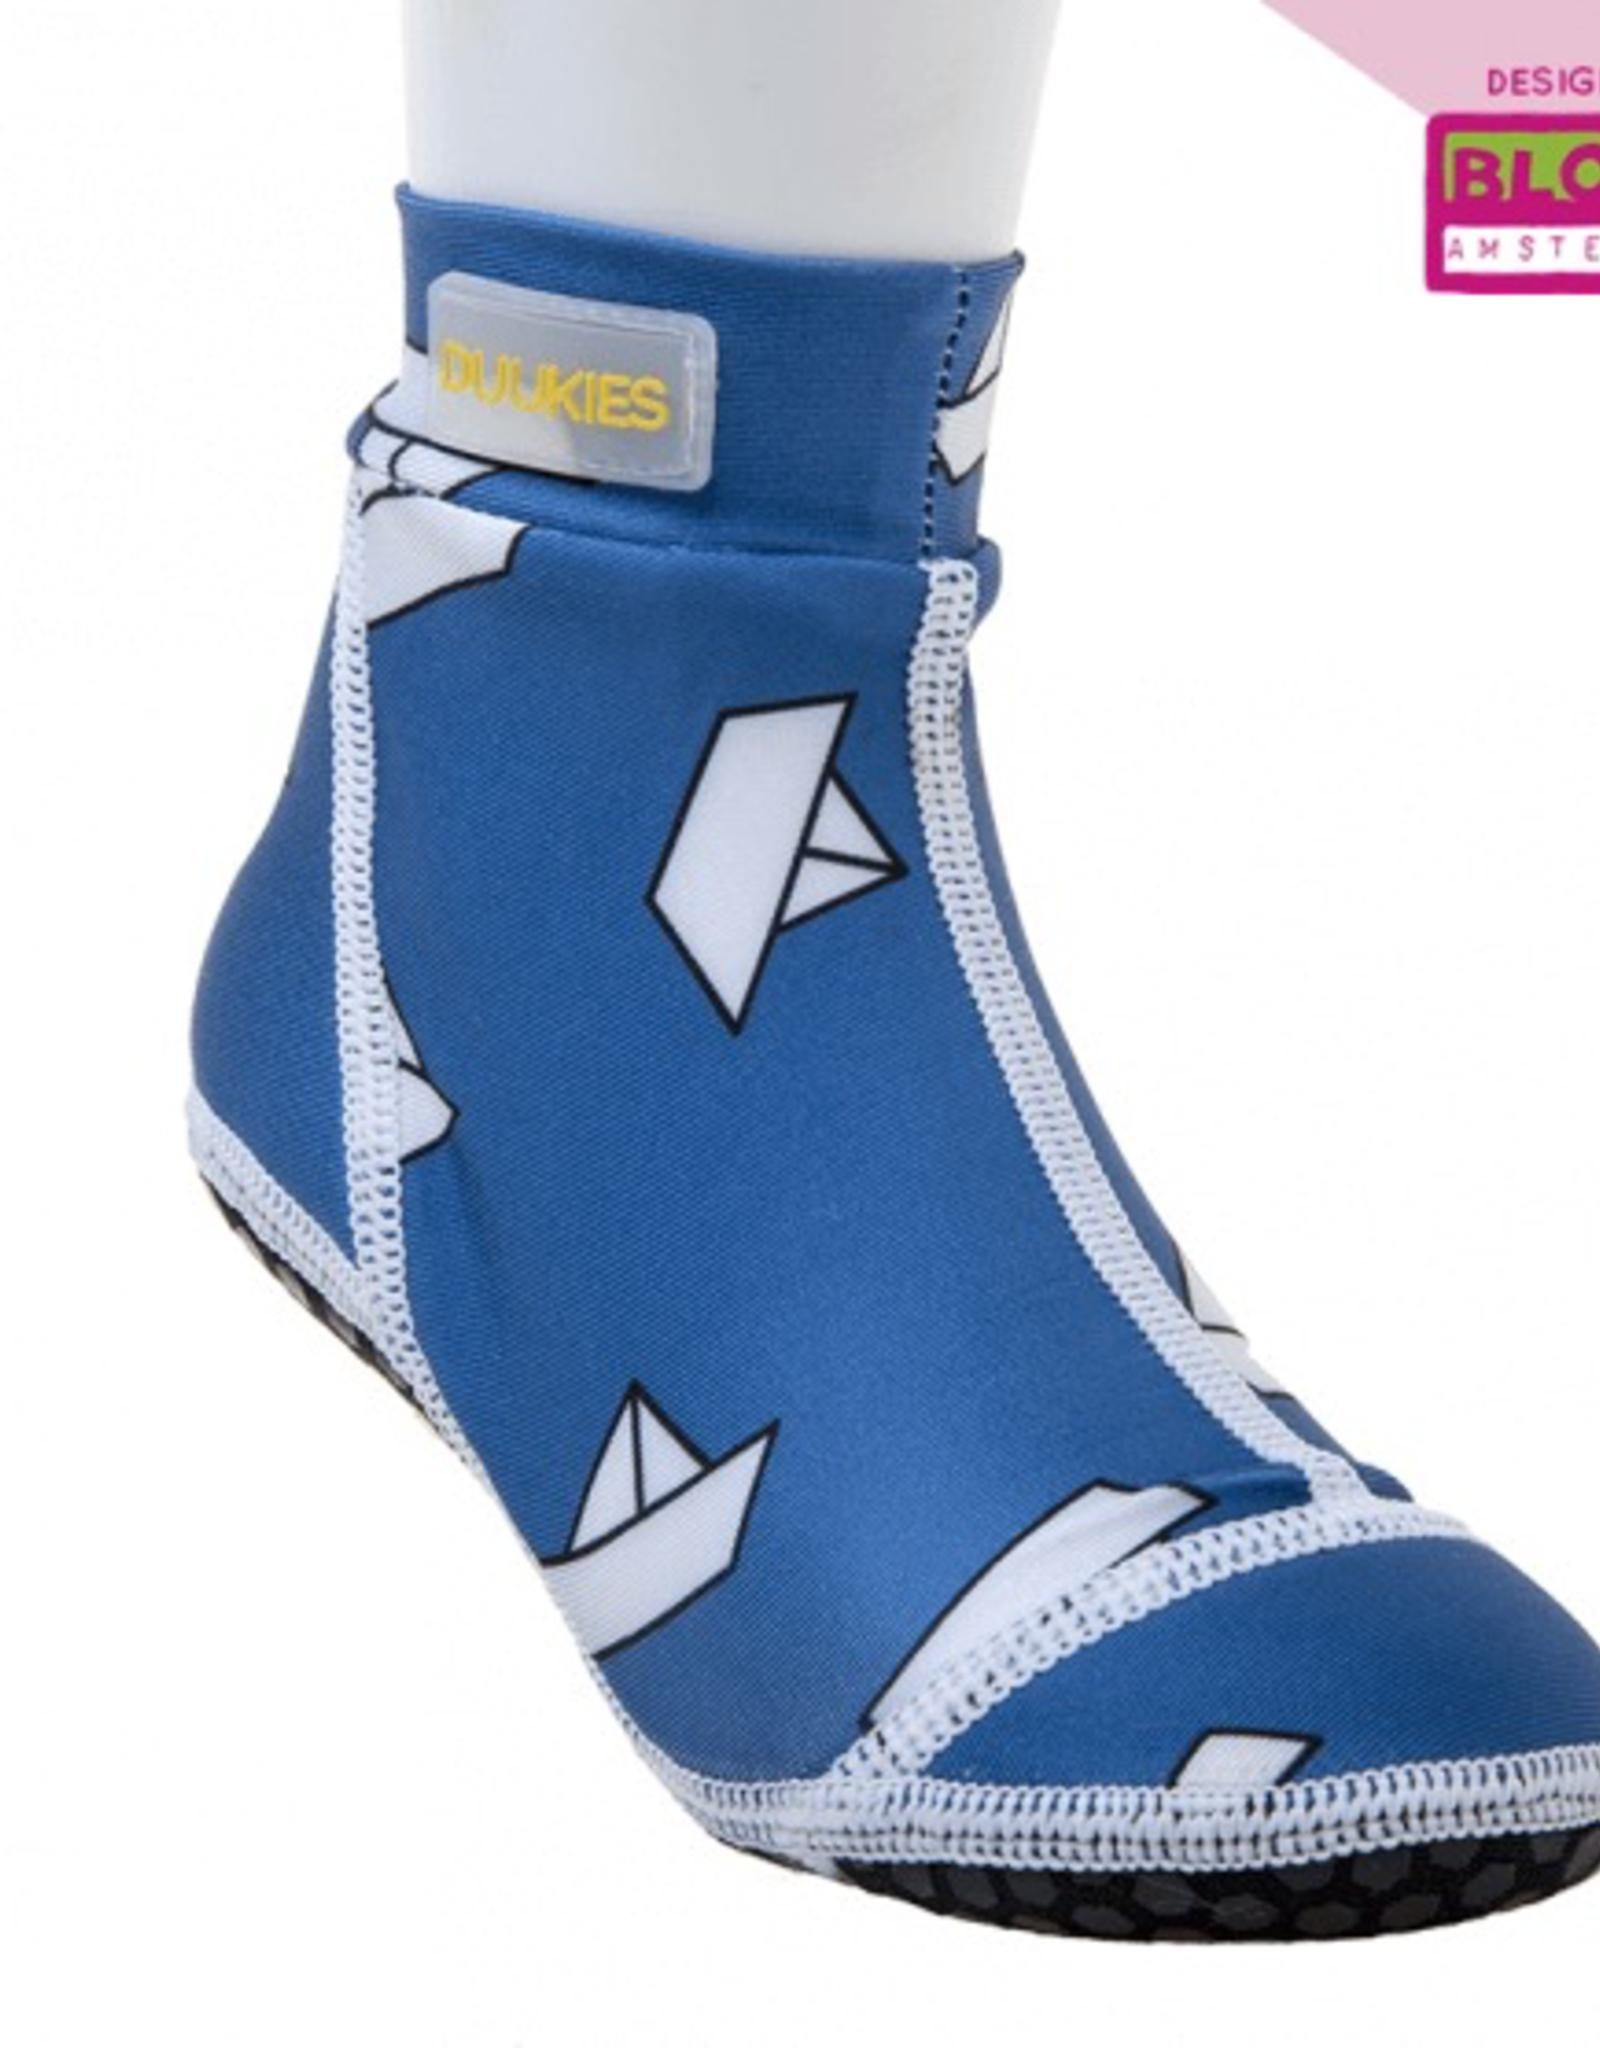 Duukies Beach Socks in Blue Boat